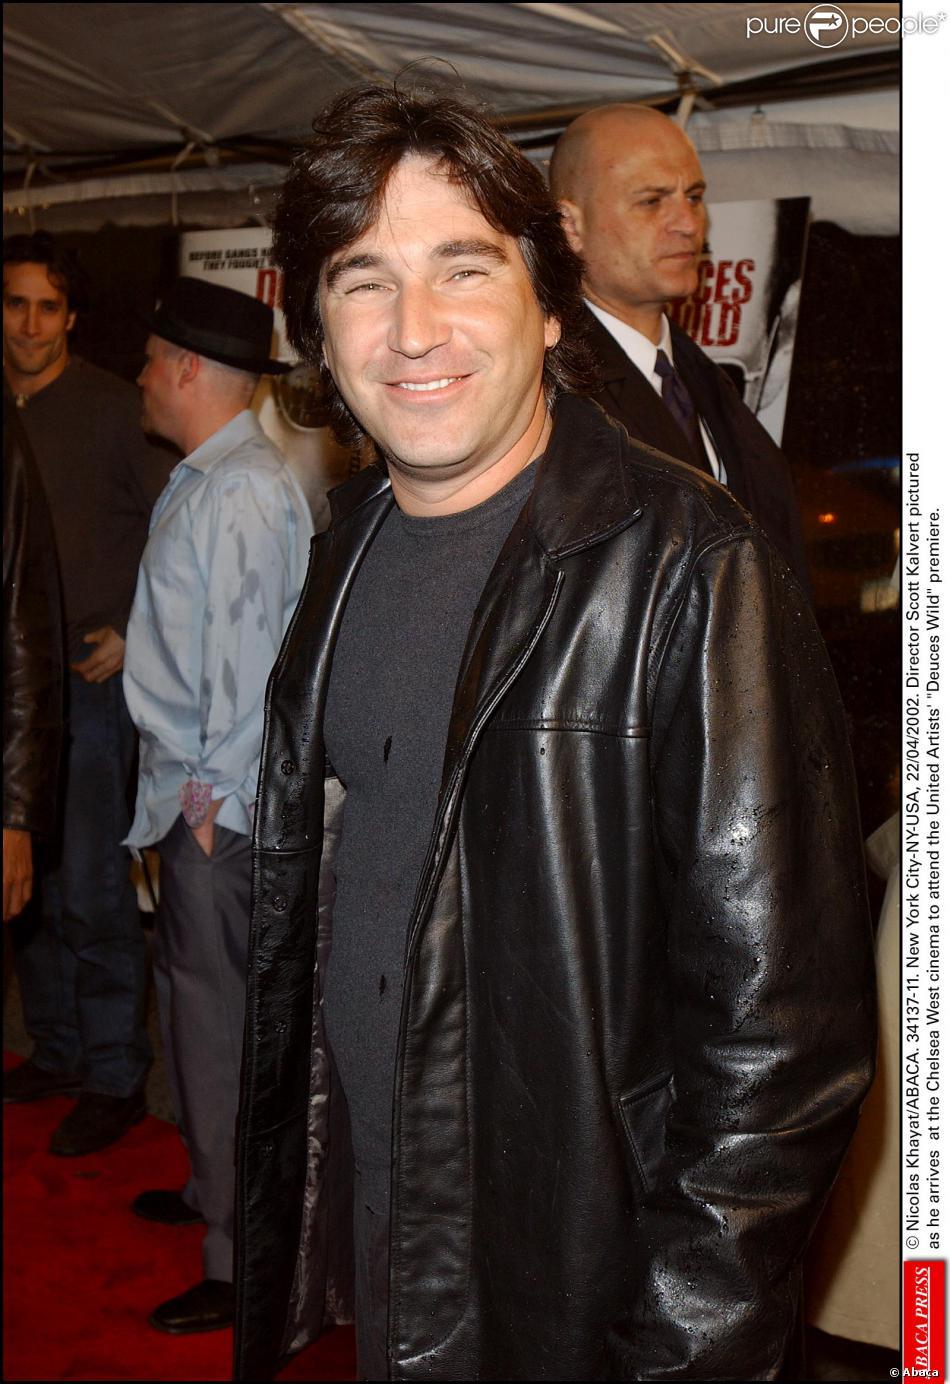 Scott Kalvert le 23 avril 2002 à l'avant-première de son film Deuces Wild à New York.